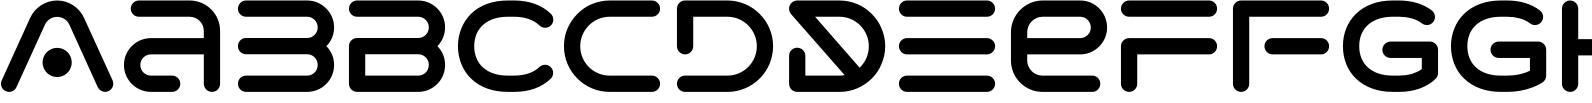 Varino